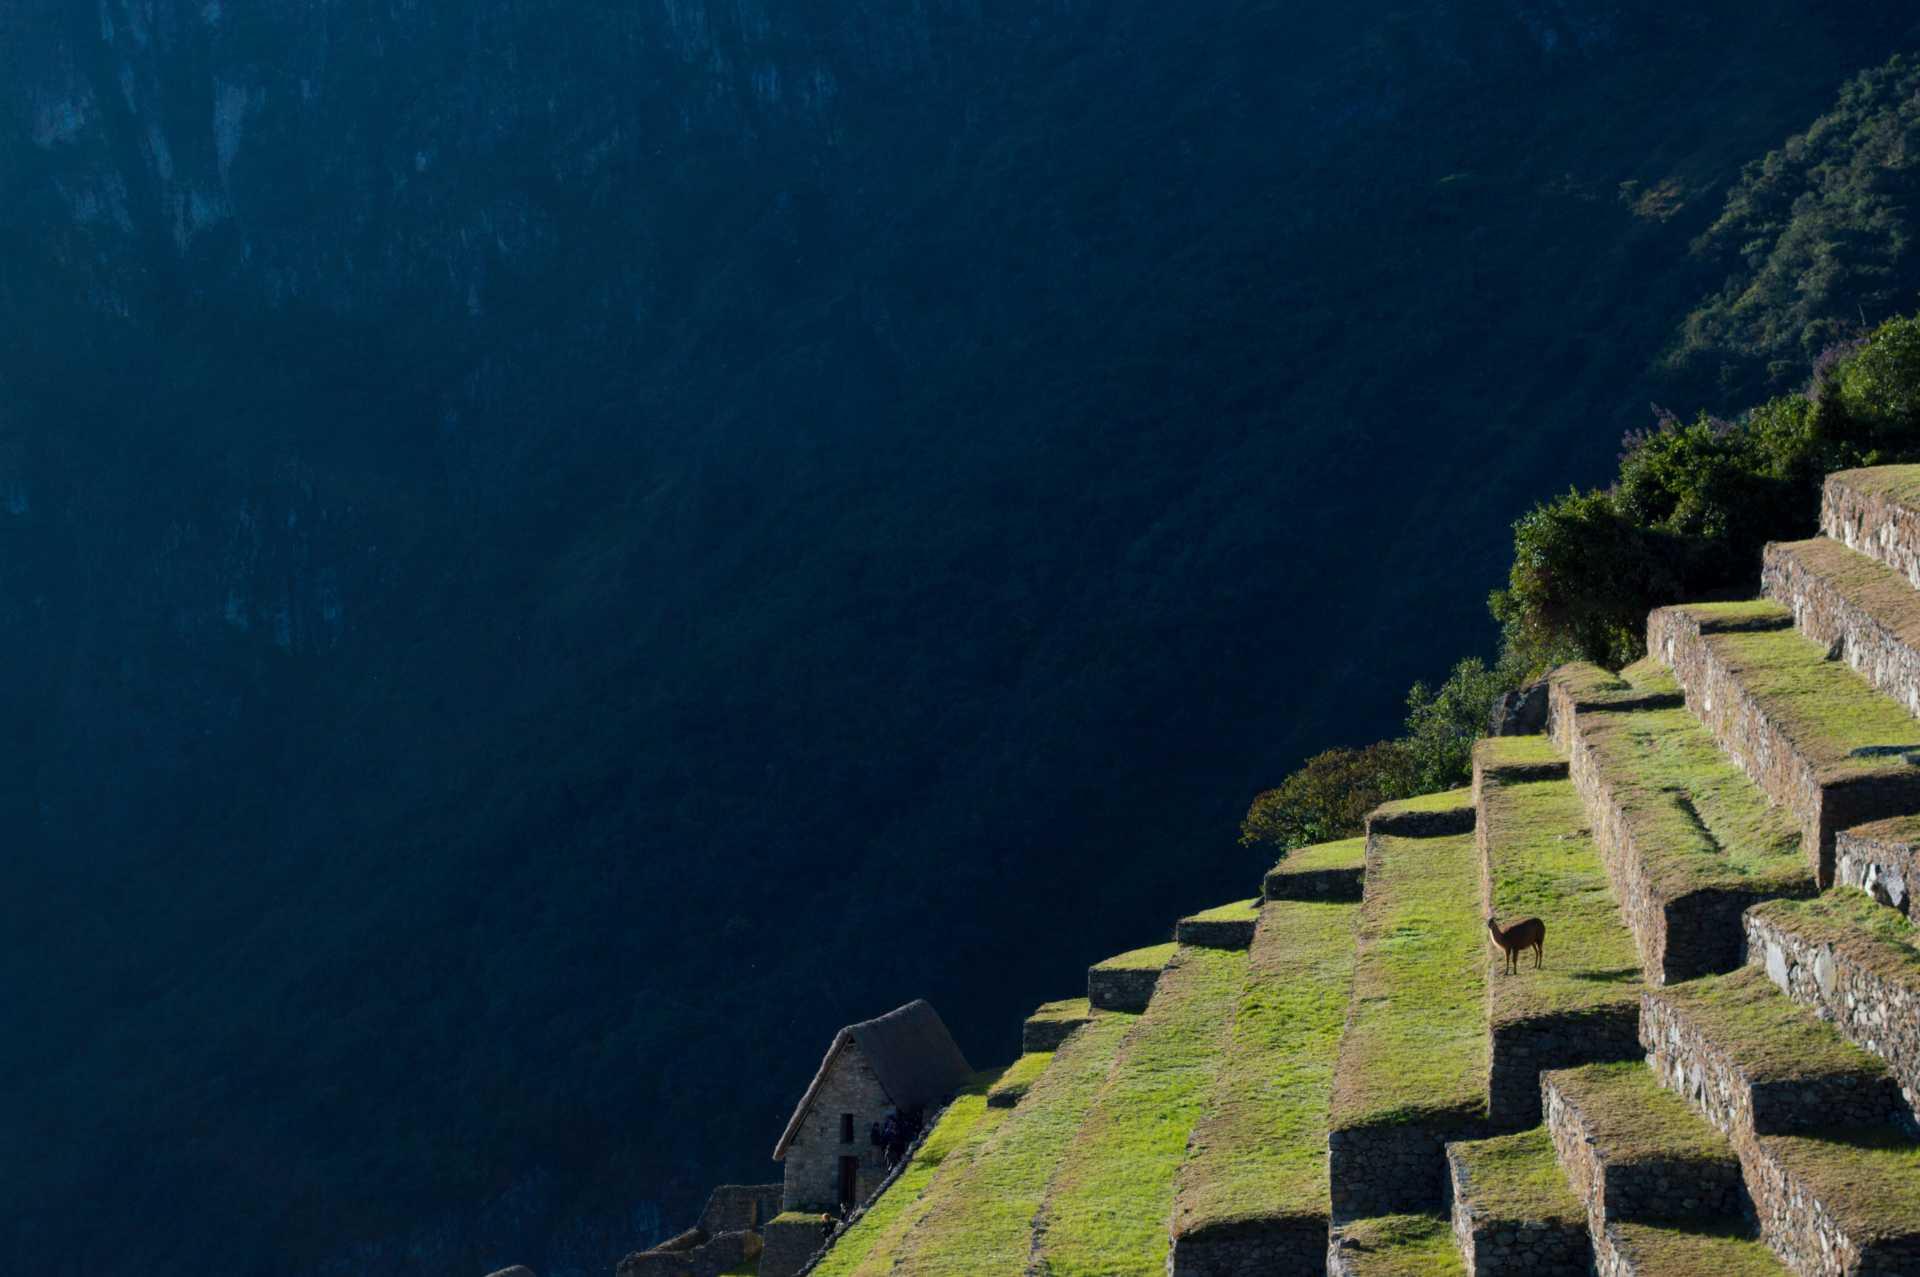 Custom-Travel-Planner-Network-Beautiful-Peru-Machu-Picchu-CLose-Up